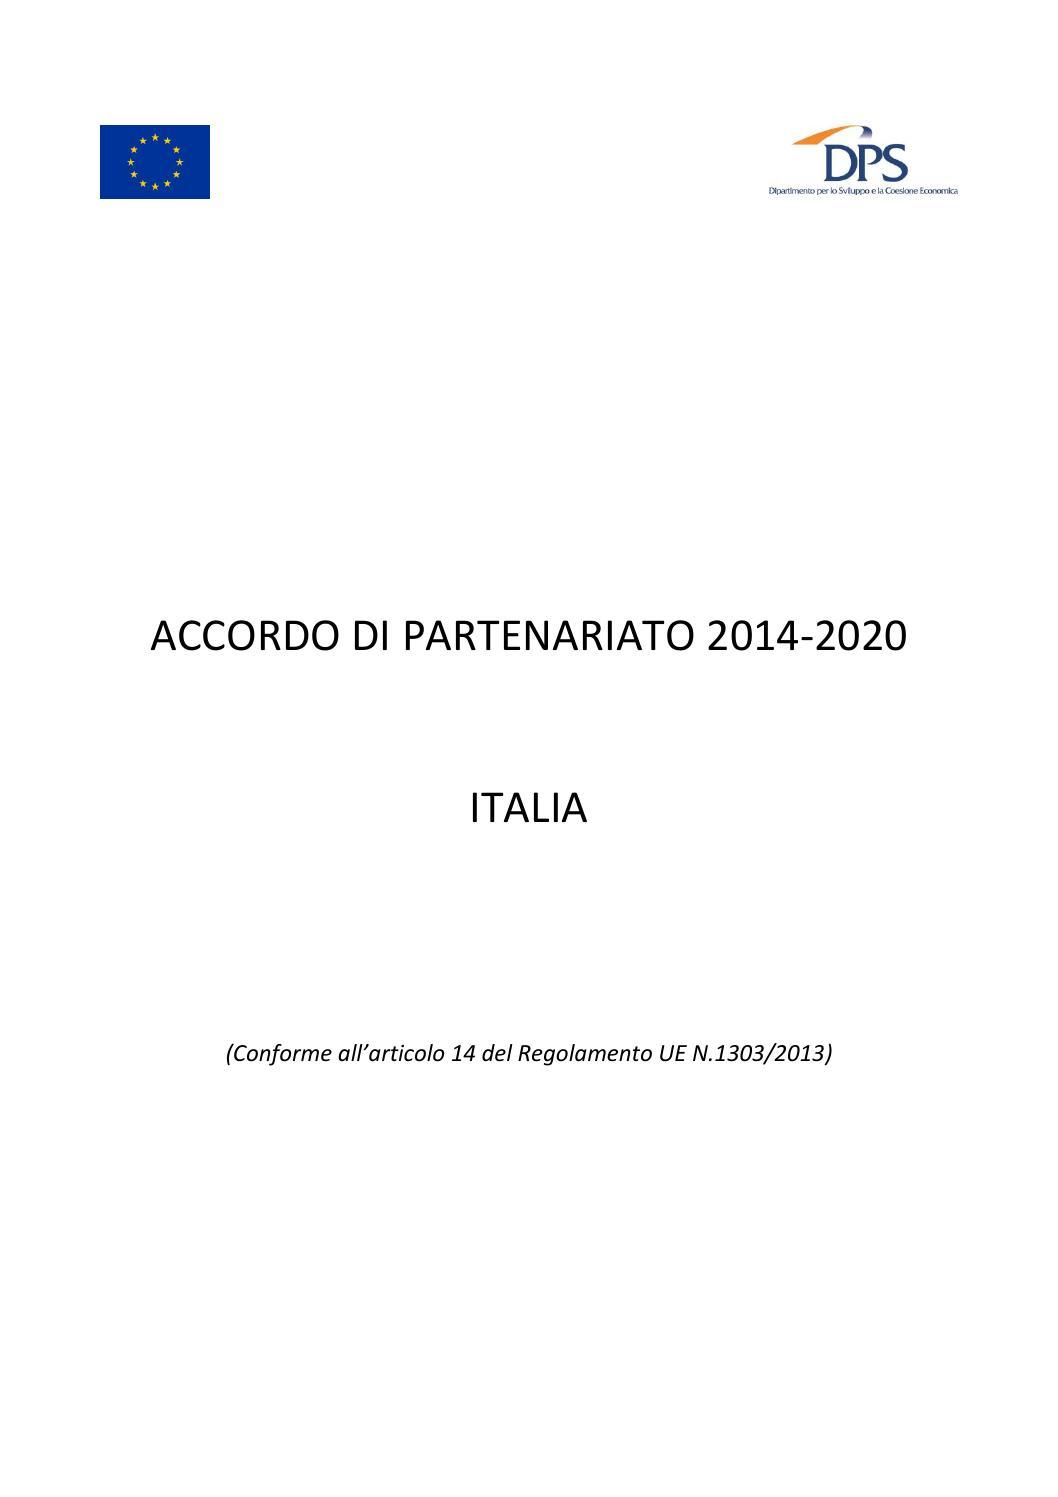 Calendario Pesca Sportiva Fvg 2020.Accordo Di Partenariato Italia Completo 18 04 2014 Finale By